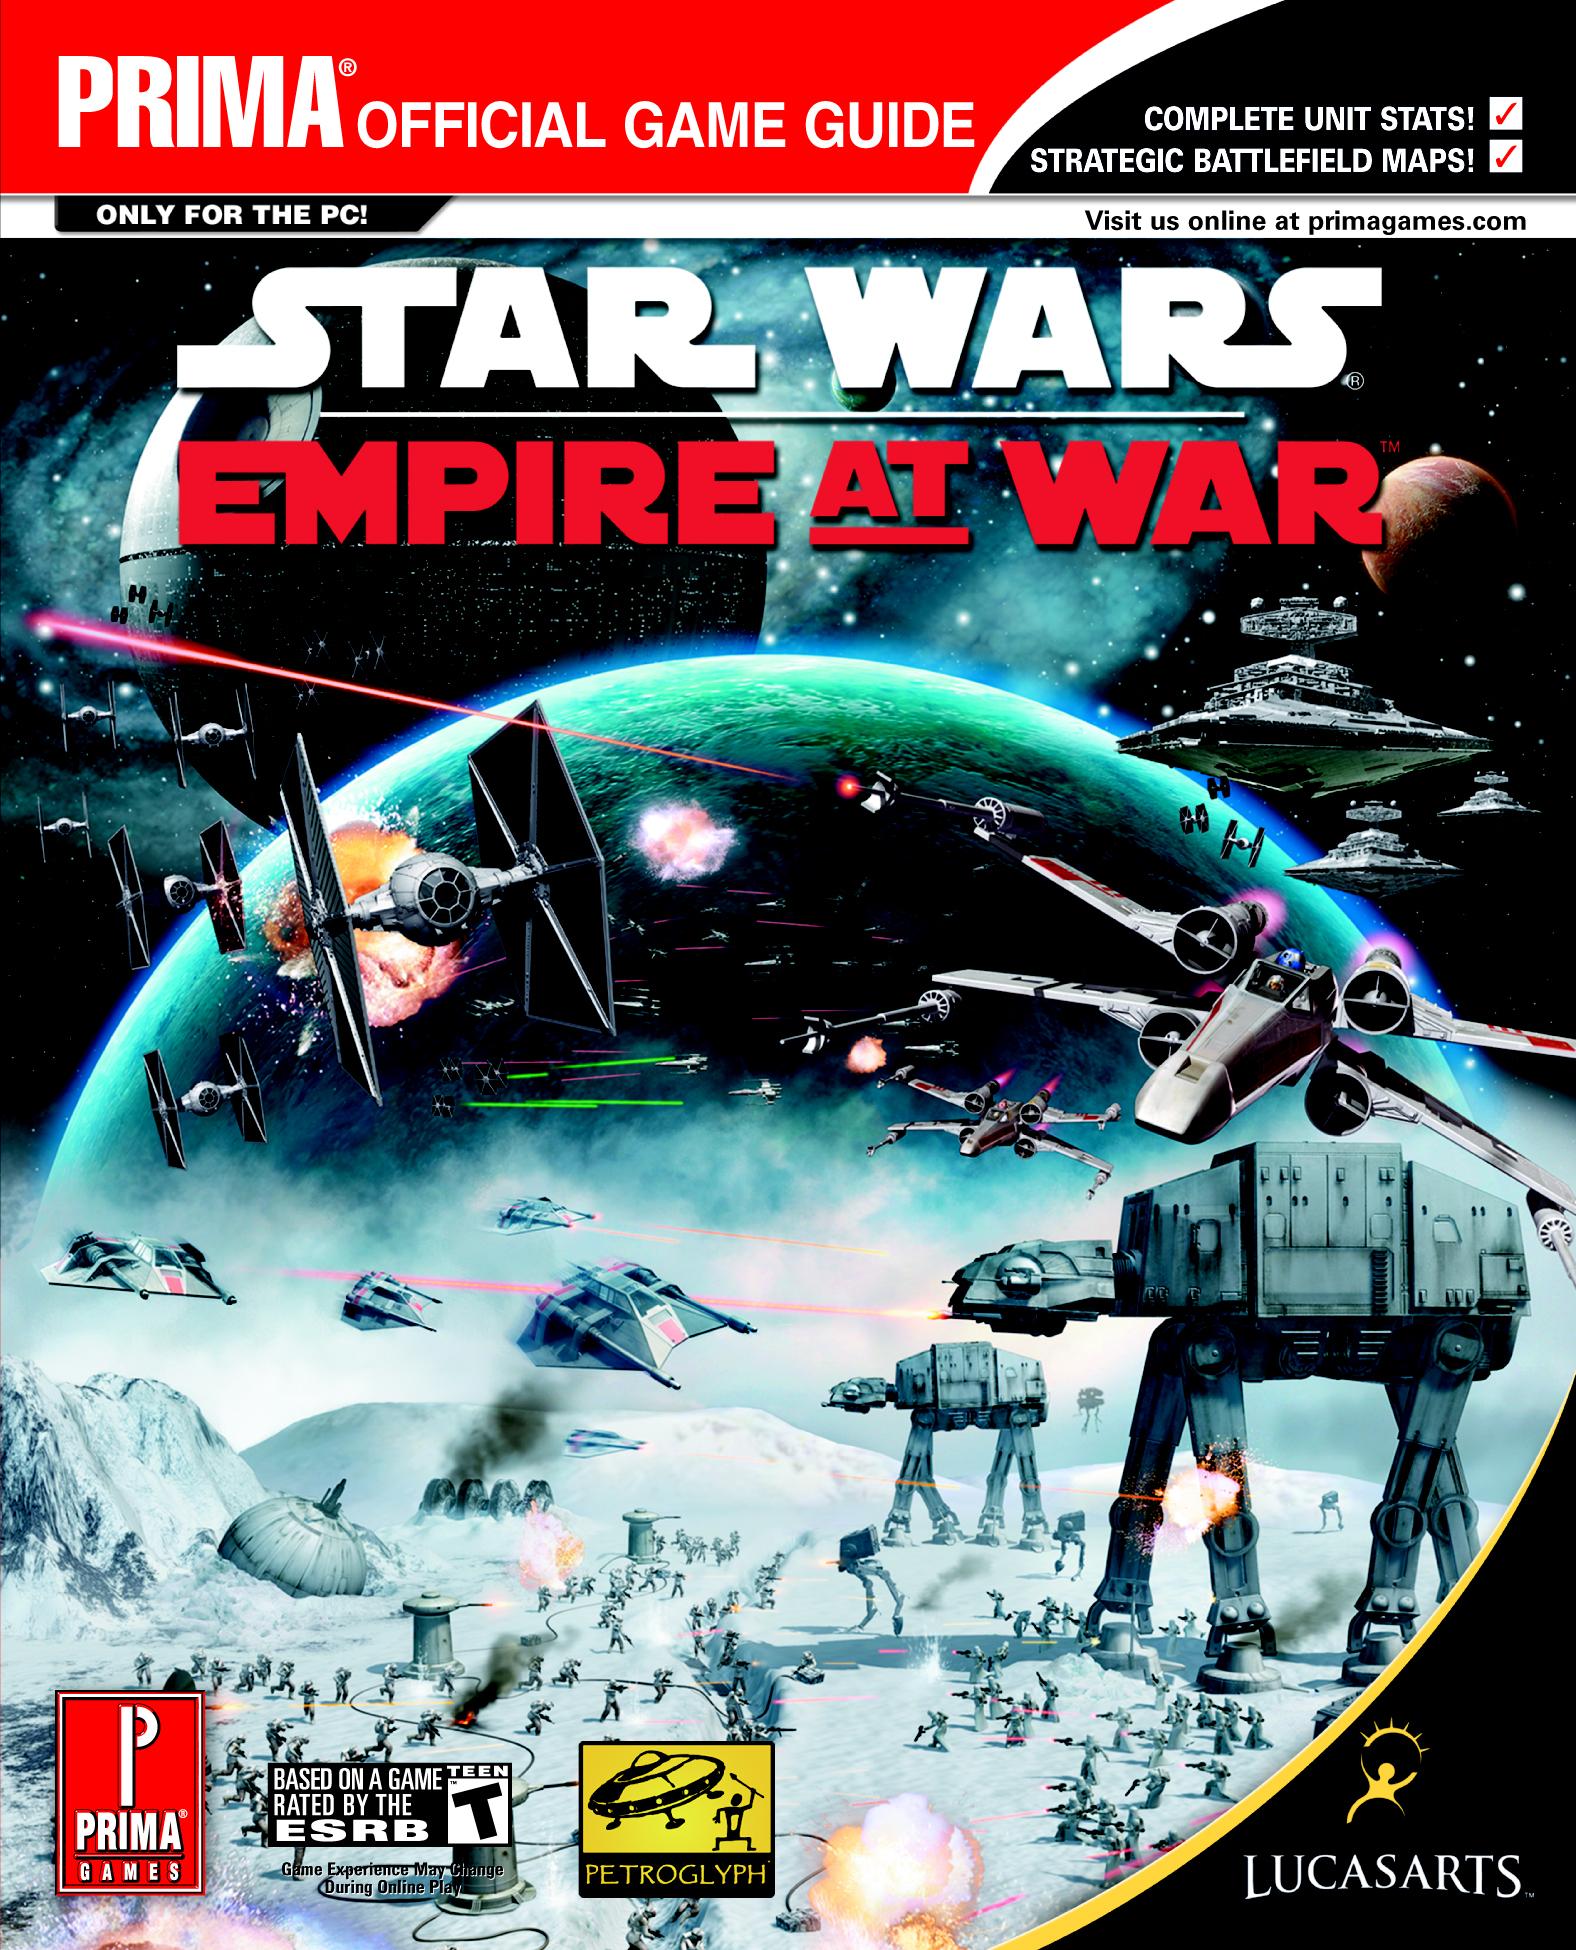 Star Wars: Empire at War: Официальное игровое руководство Prima